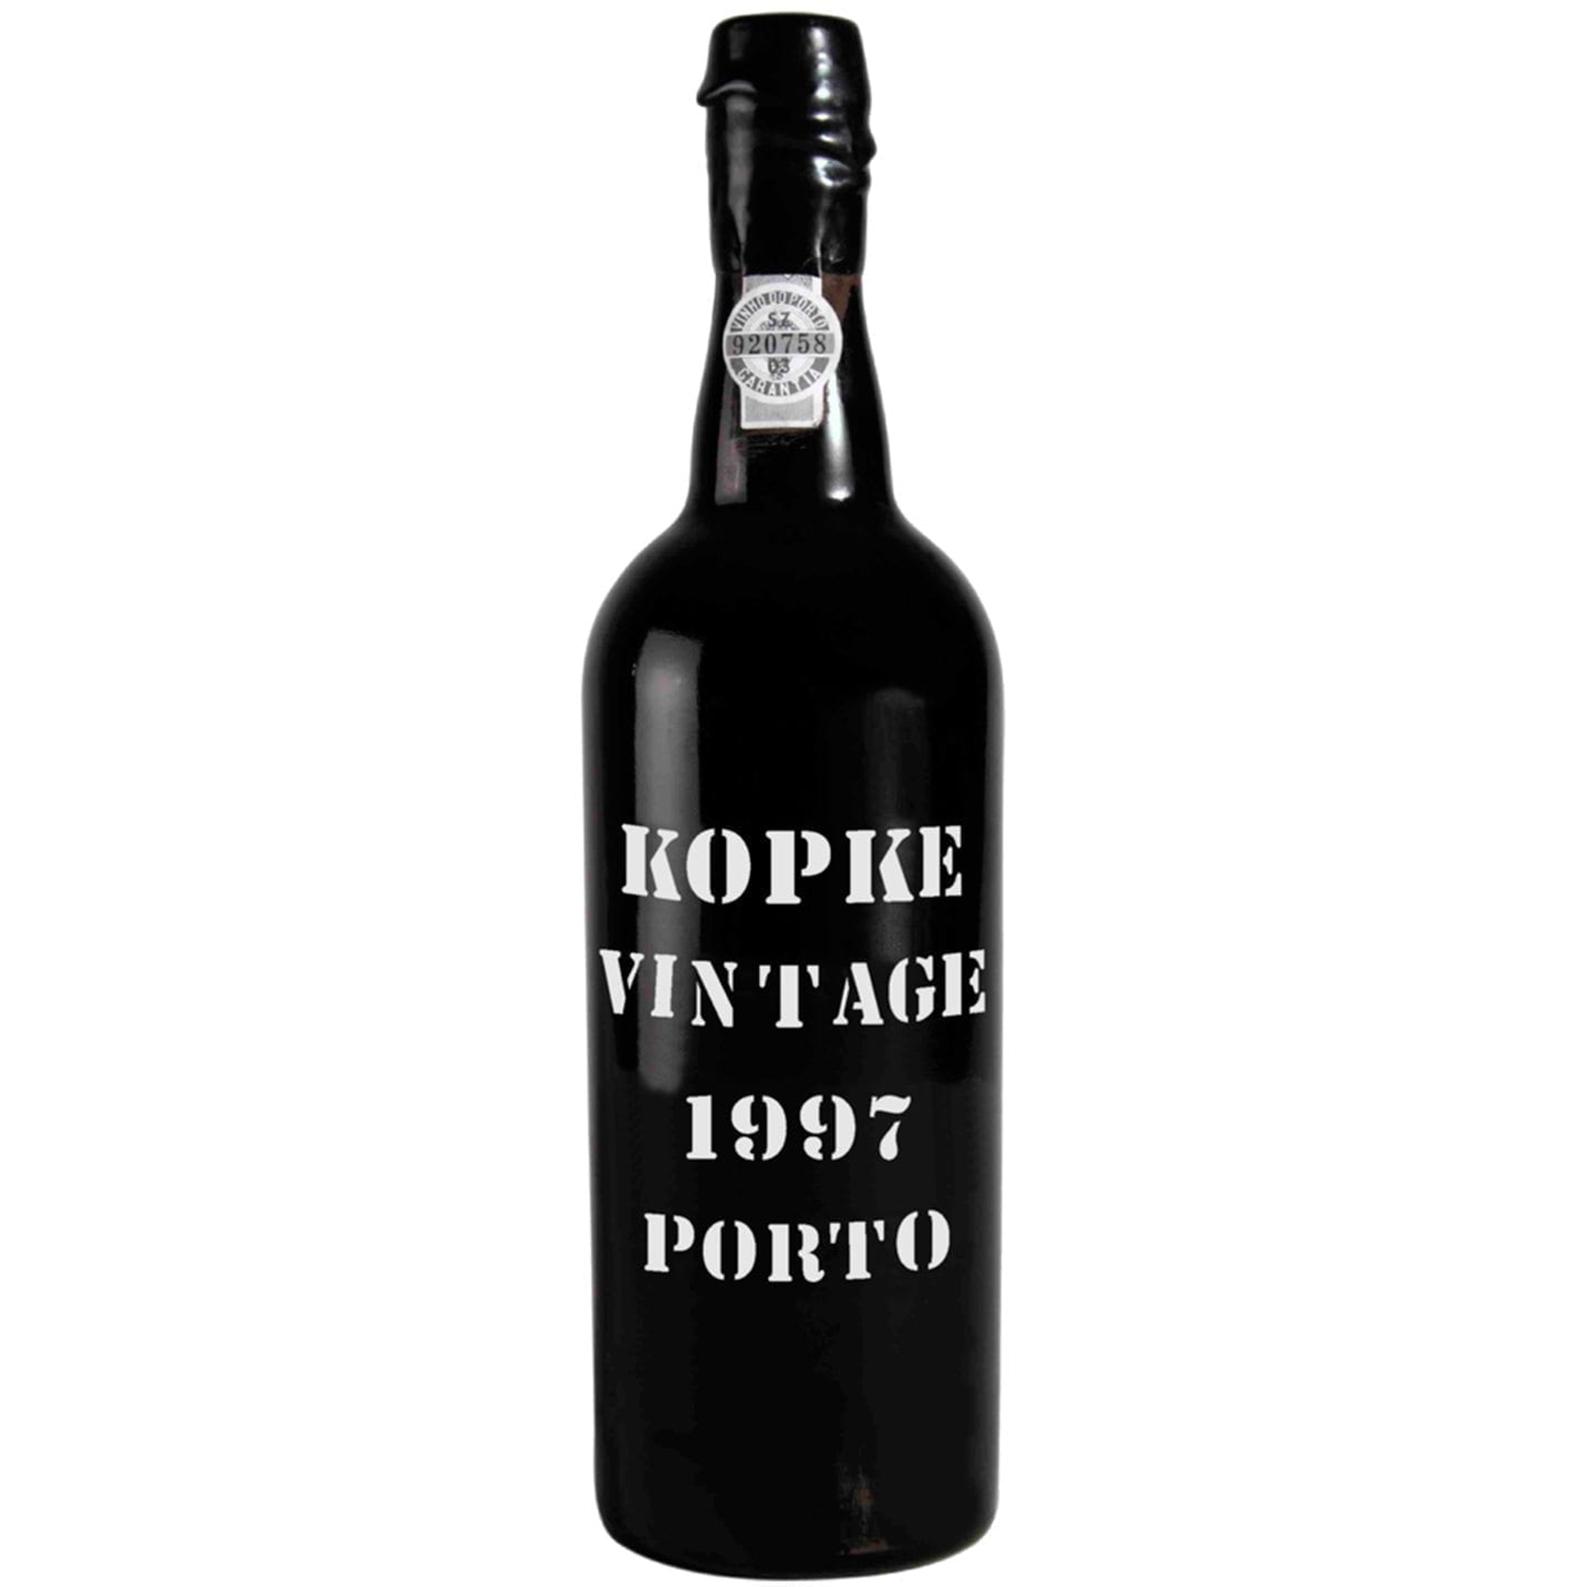 Kopke Vintage 1997